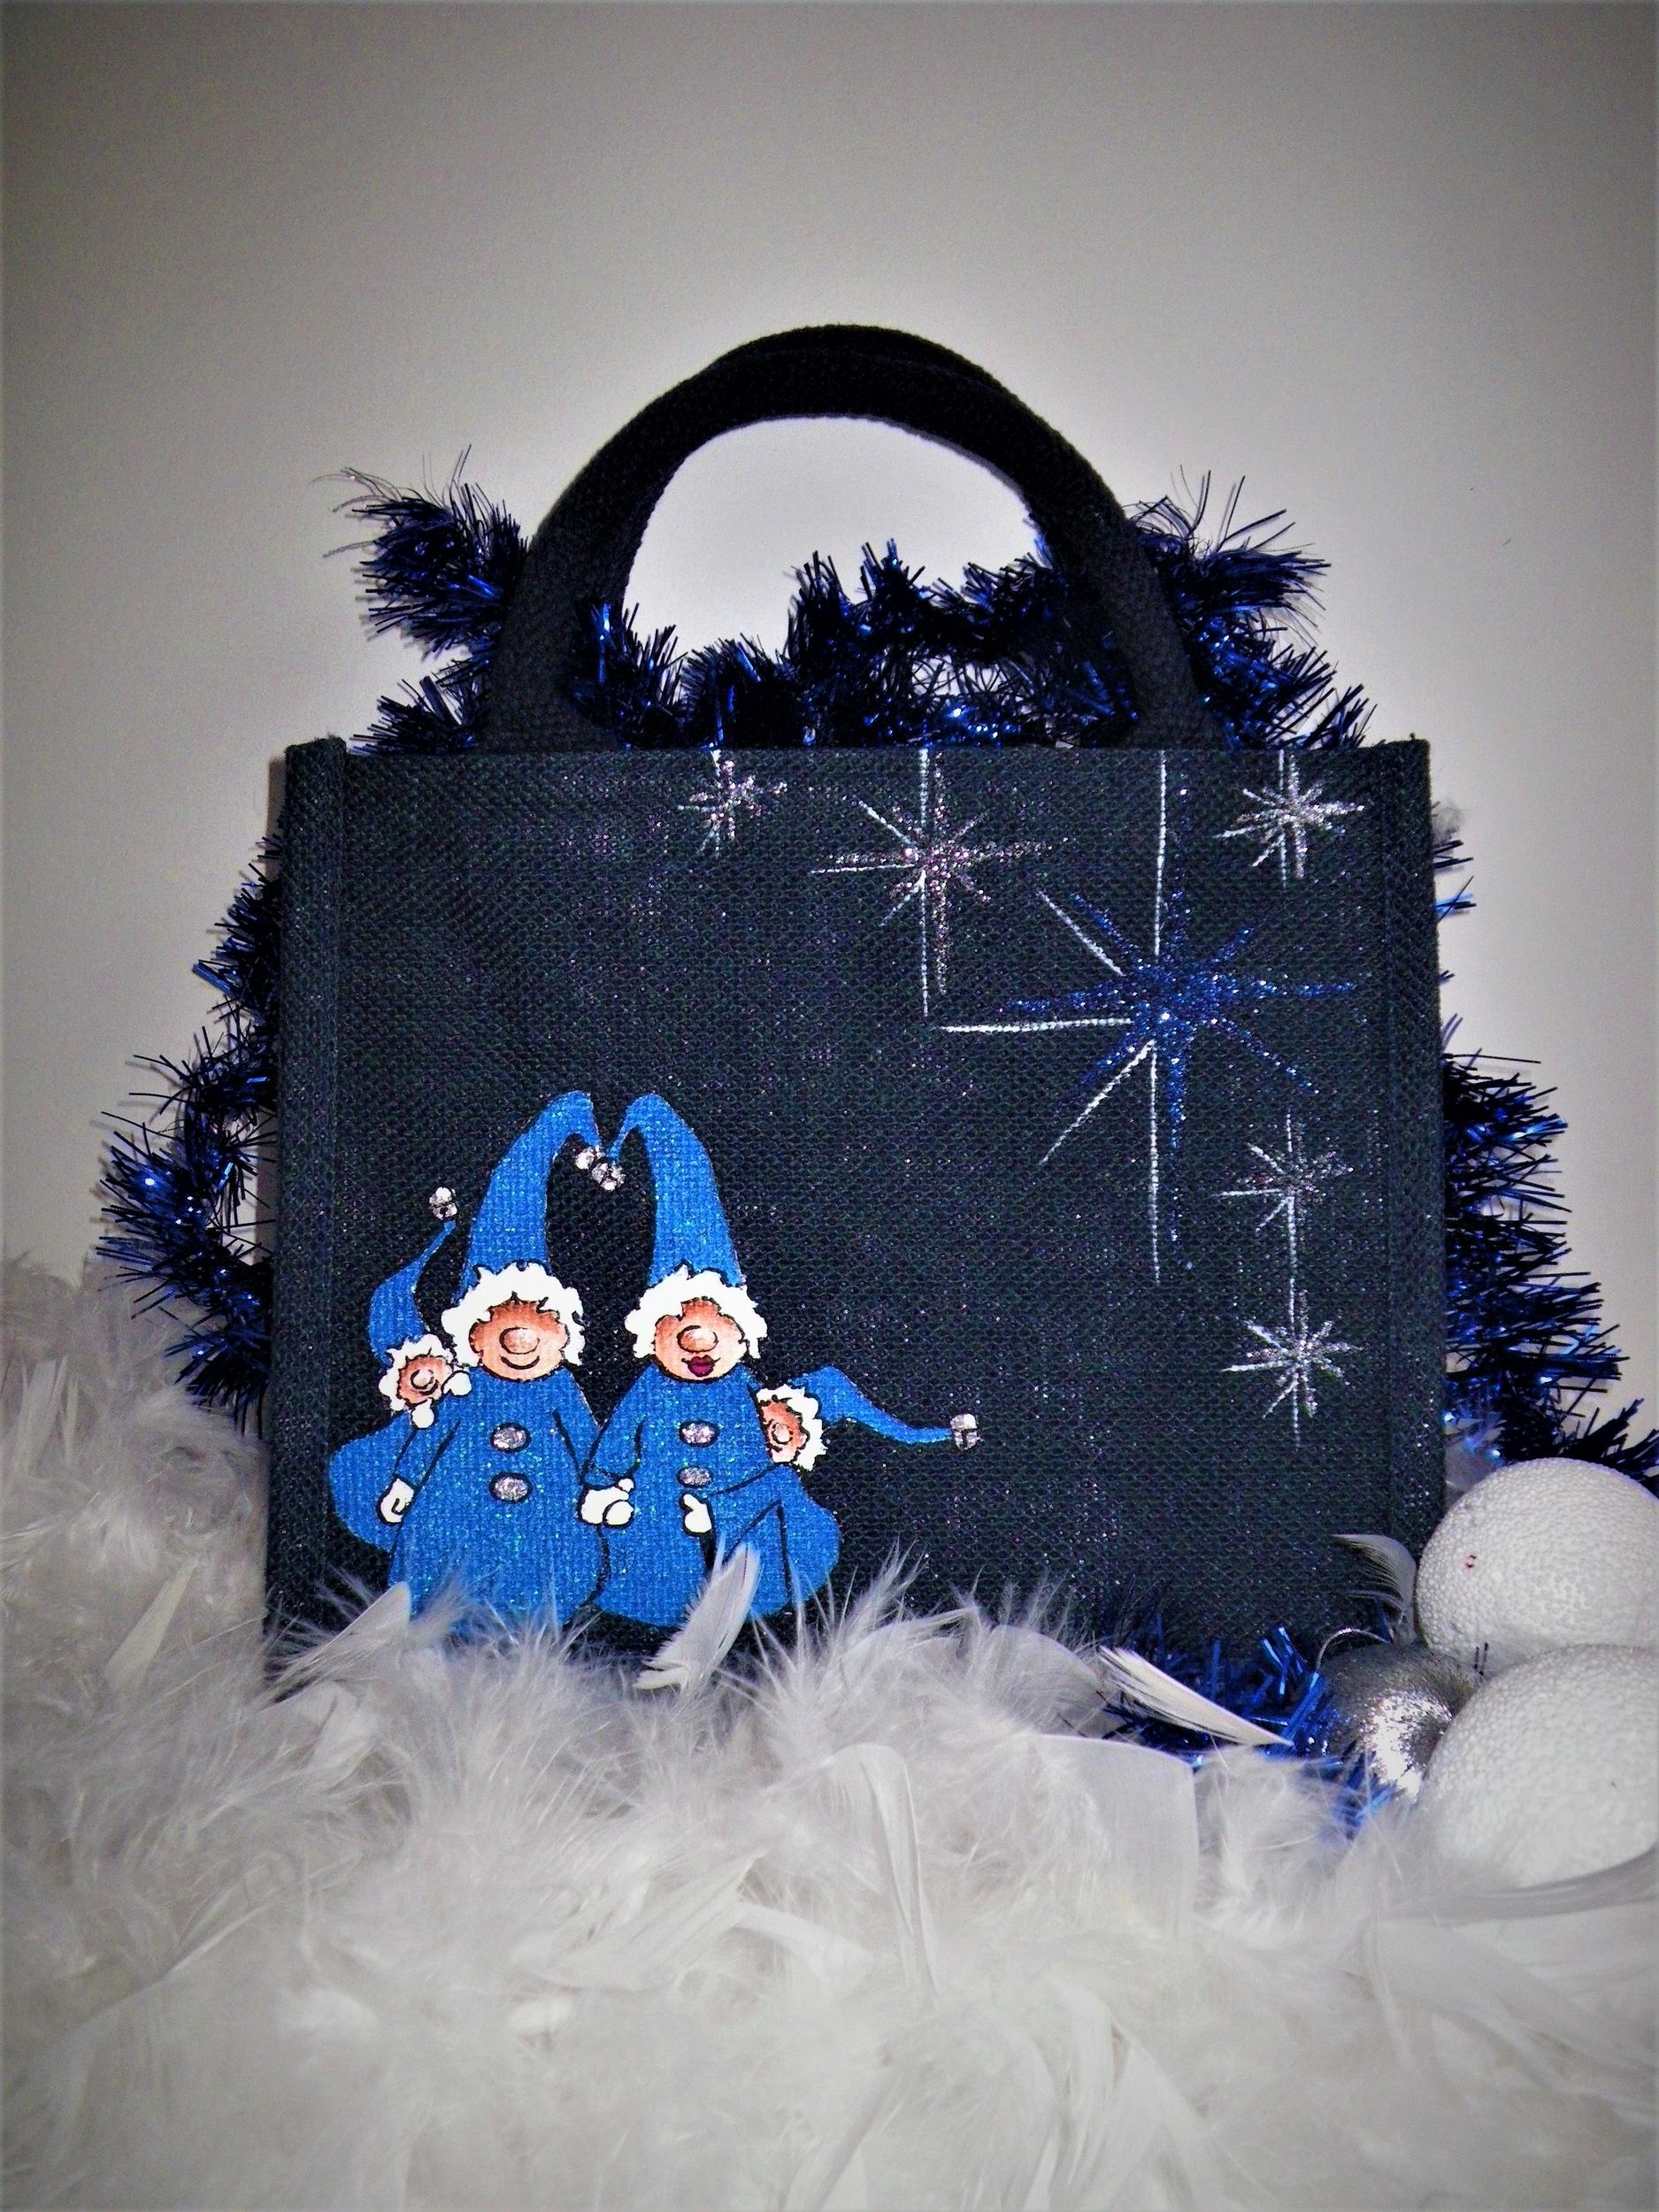 Sac en jute bleue avec lutins de Noël